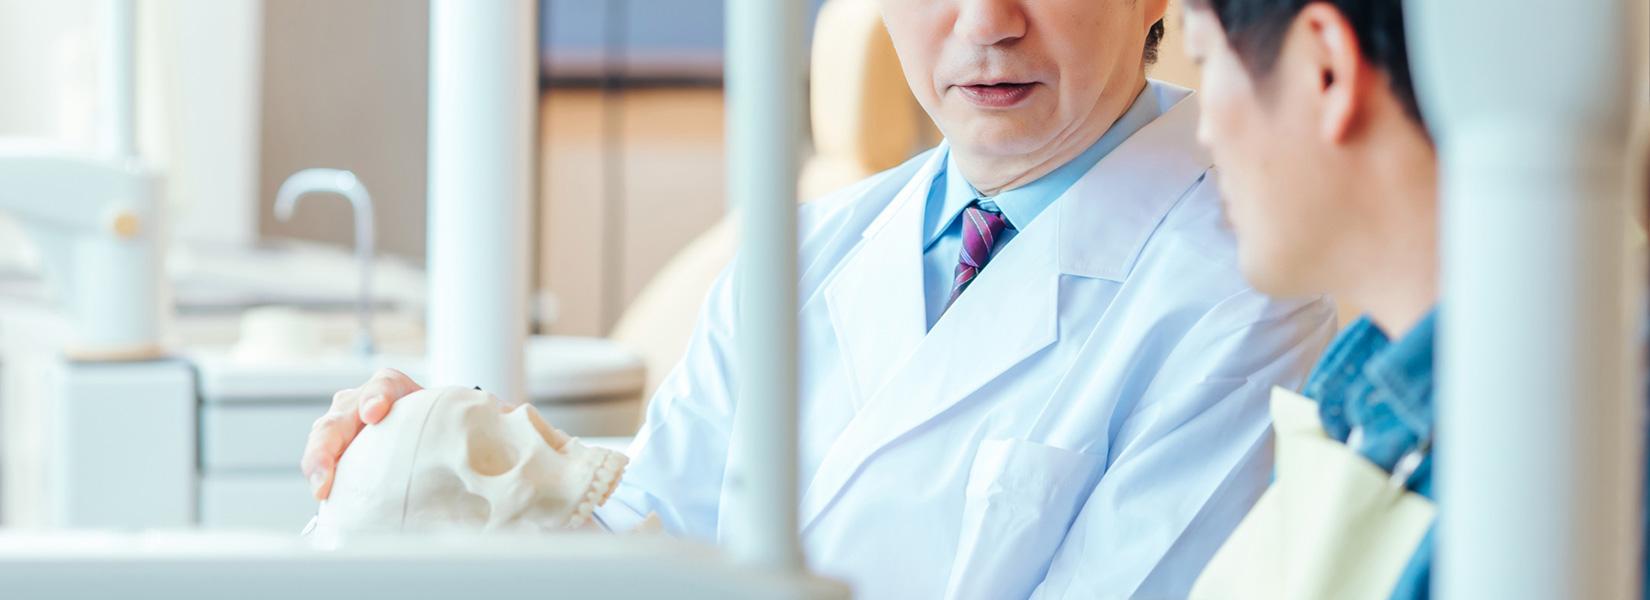 舌側矯正の認定医制度について